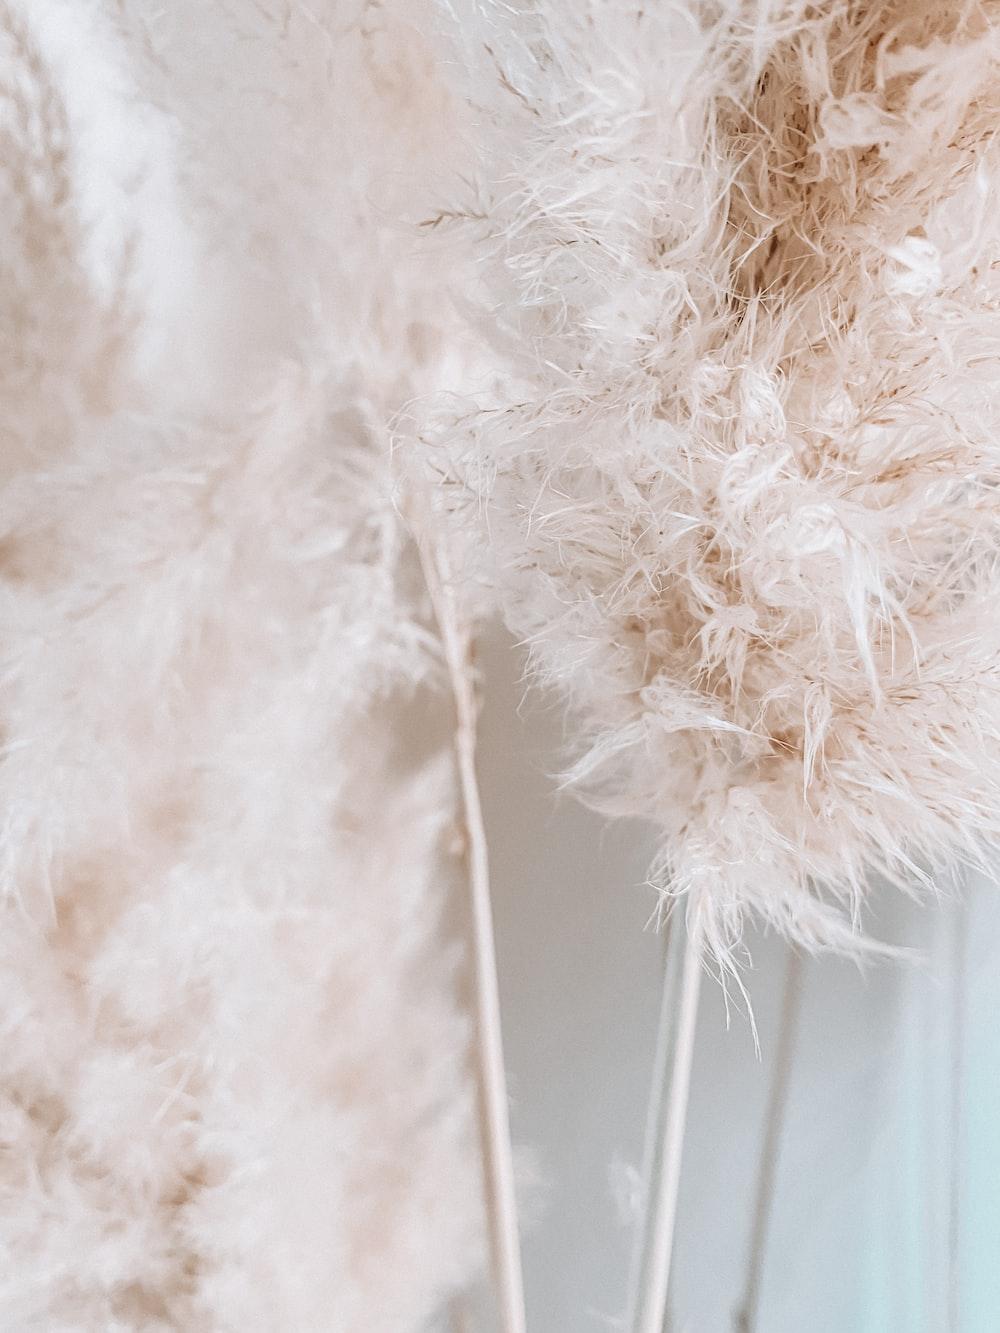 white fur textile near white wall